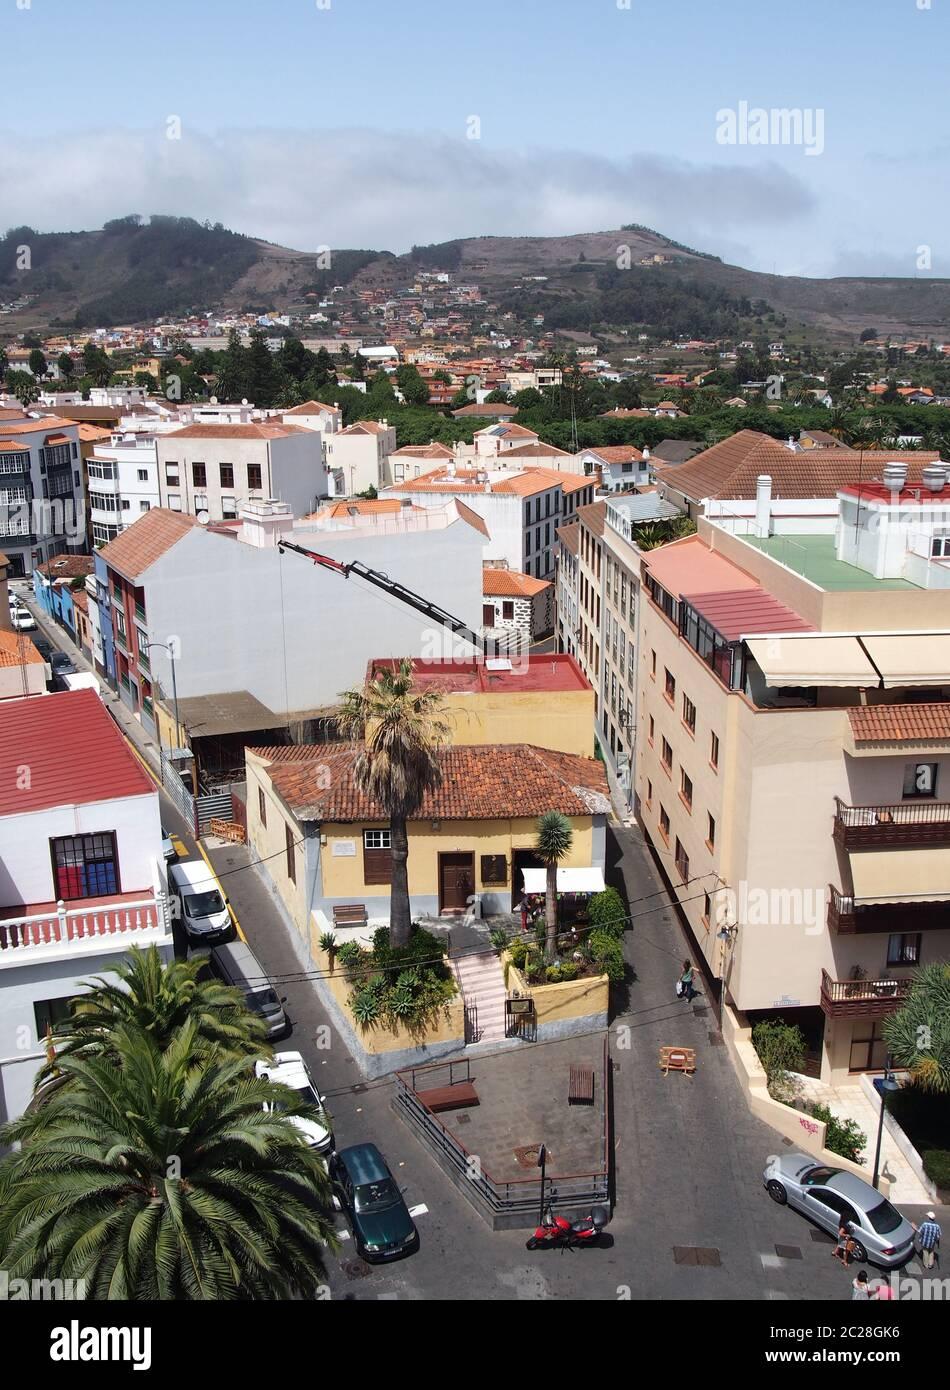 Blick auf die Stadt von La Laguna auf Teneriffa Panoramablick Stockfoto